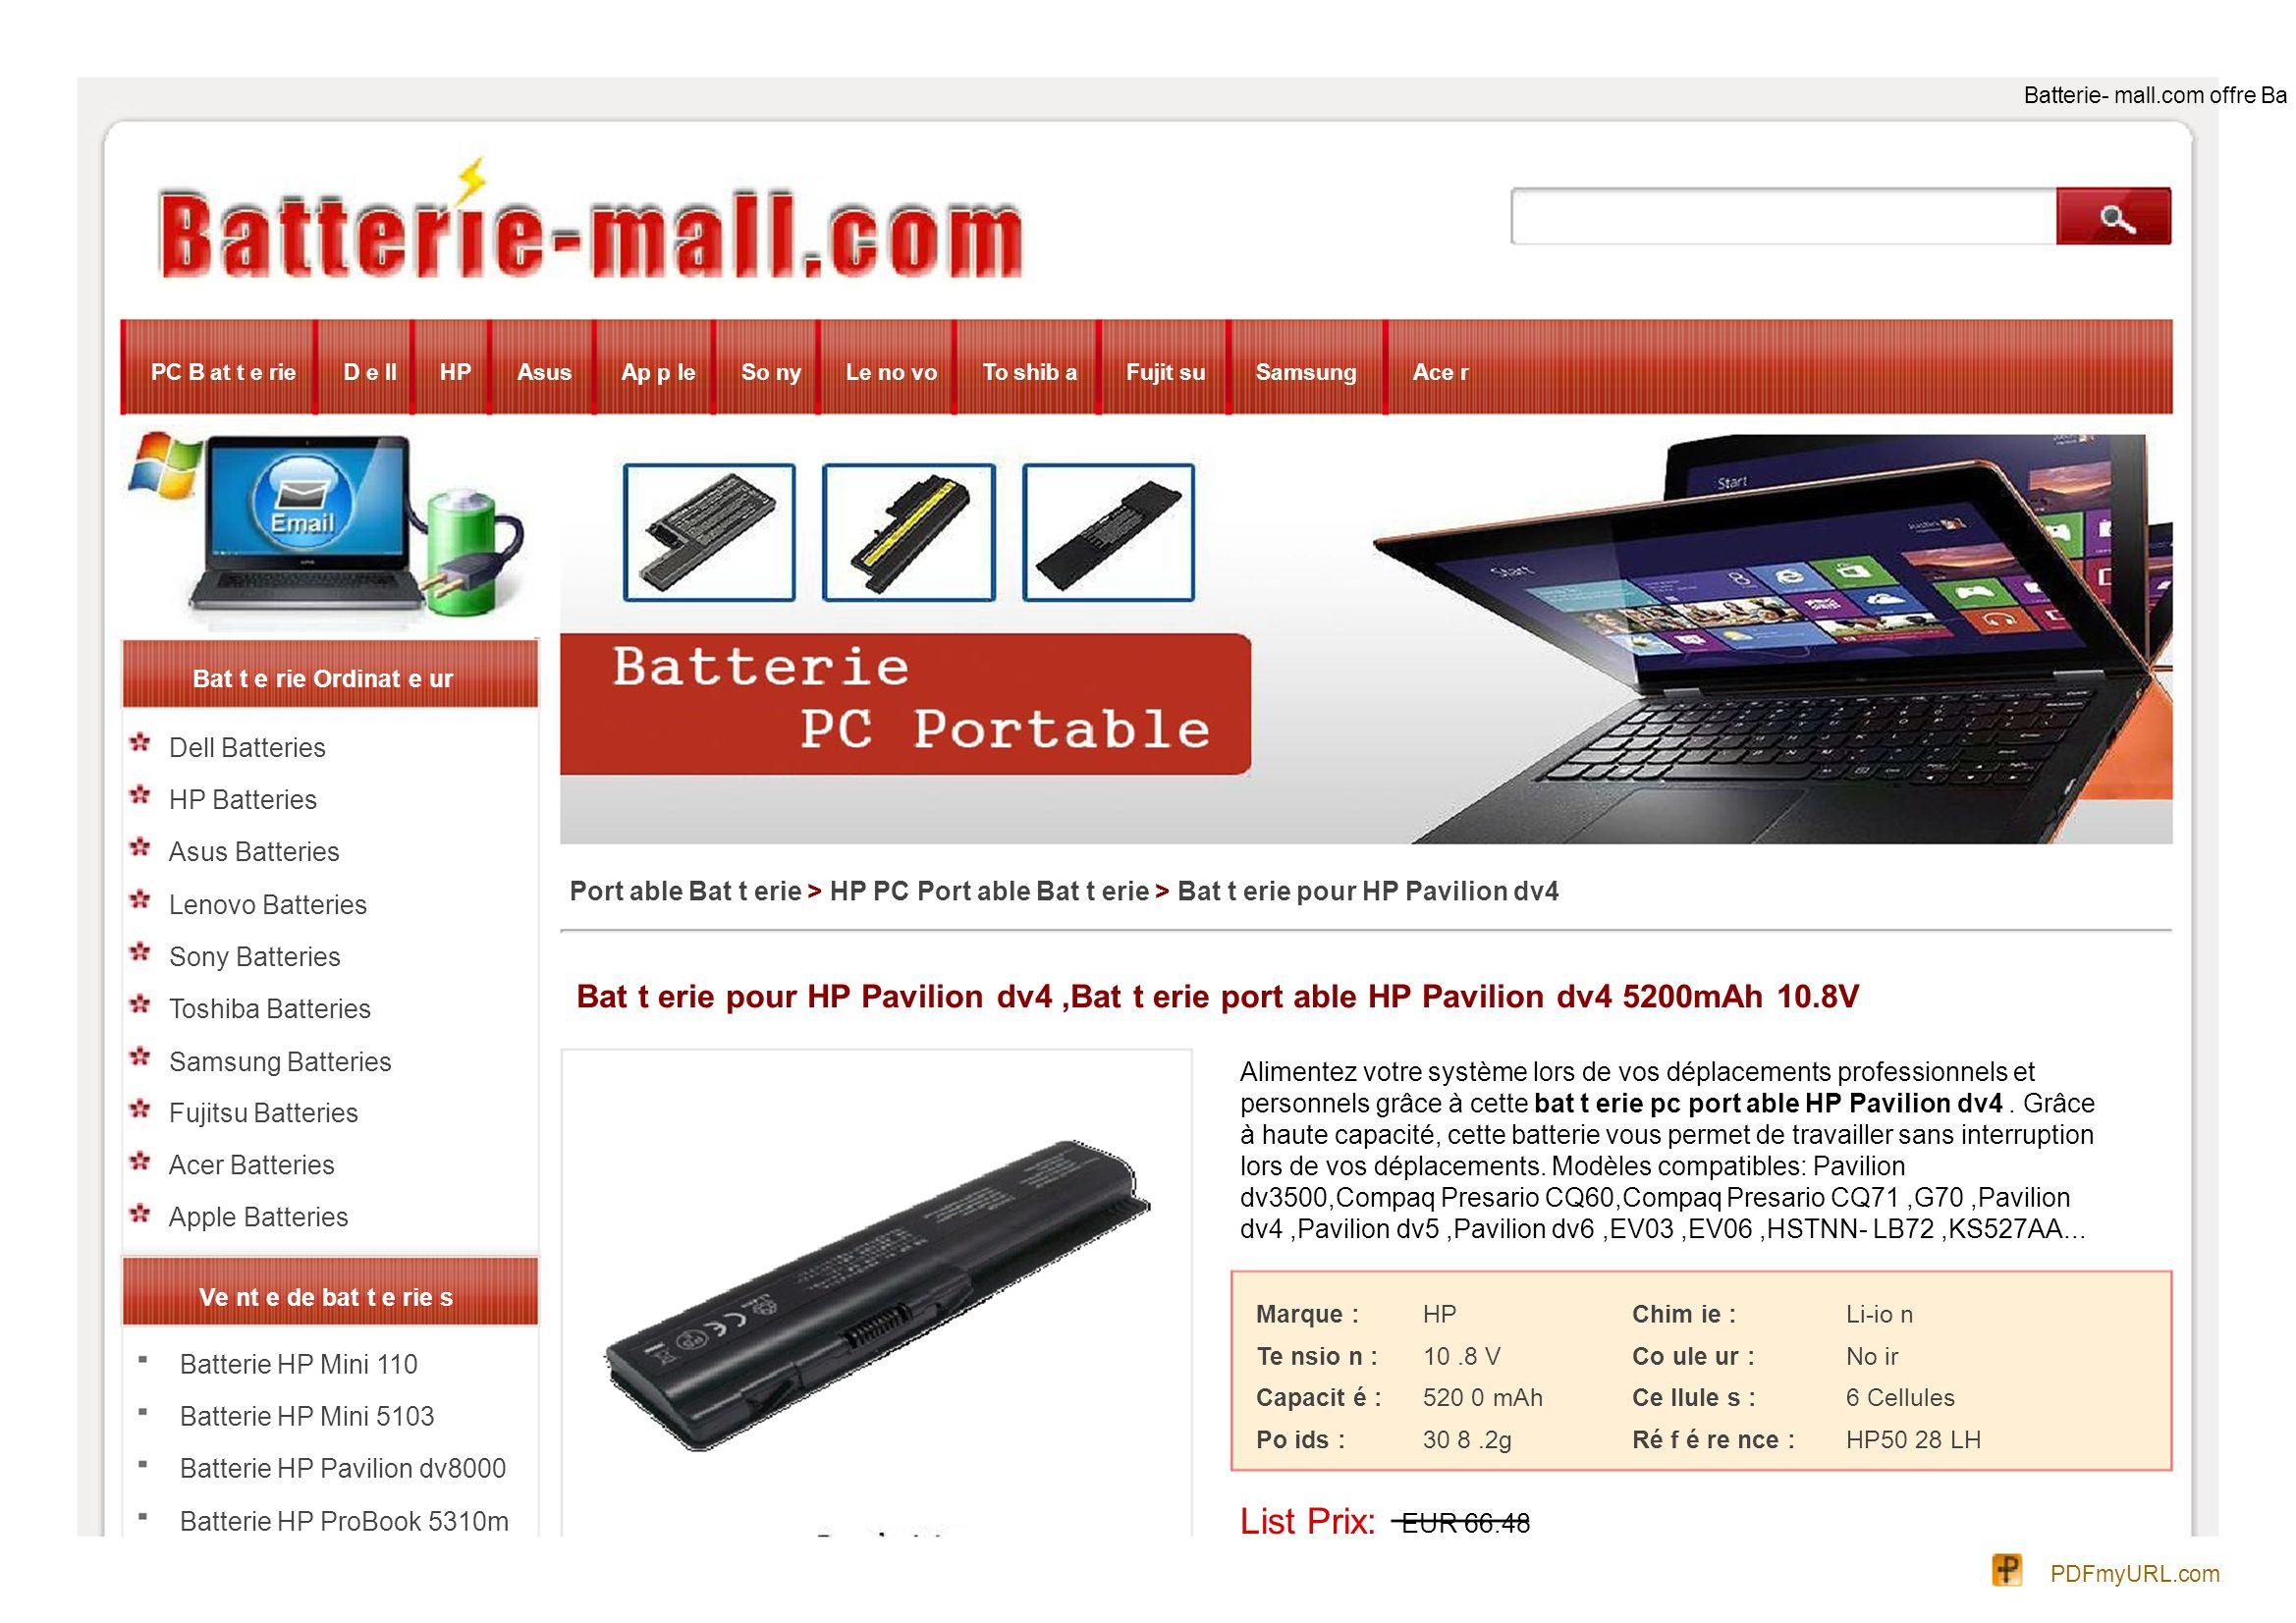 Batterie HP Probook 4330s Batterie HP Probook 4430s Batterie HP Probook 4530s Batterie HP Probook 4730s Batterie Compaq Armada M300 Batterie HP EliteBook 2530p Batterie HP EliteBook 2540p Batterie HP Compaq nc2400 Batterie HP TouchSmart tm2- 2100 Batterie Hp HDX18 Batterie HP EliteBook Folio 9470m Batterie Compaq Presario R3000 Batterie Compaq Presario R4000 Batterie HP Pavilion ZV5000 Batterie HP Pavilion ZV6000 Batterie HP COMPAQ NX9110 Batterie HP Compaq 2710p Batterie HP EliteBook 8460p Prix Spécial: EUR 52.38 20% de réduction.